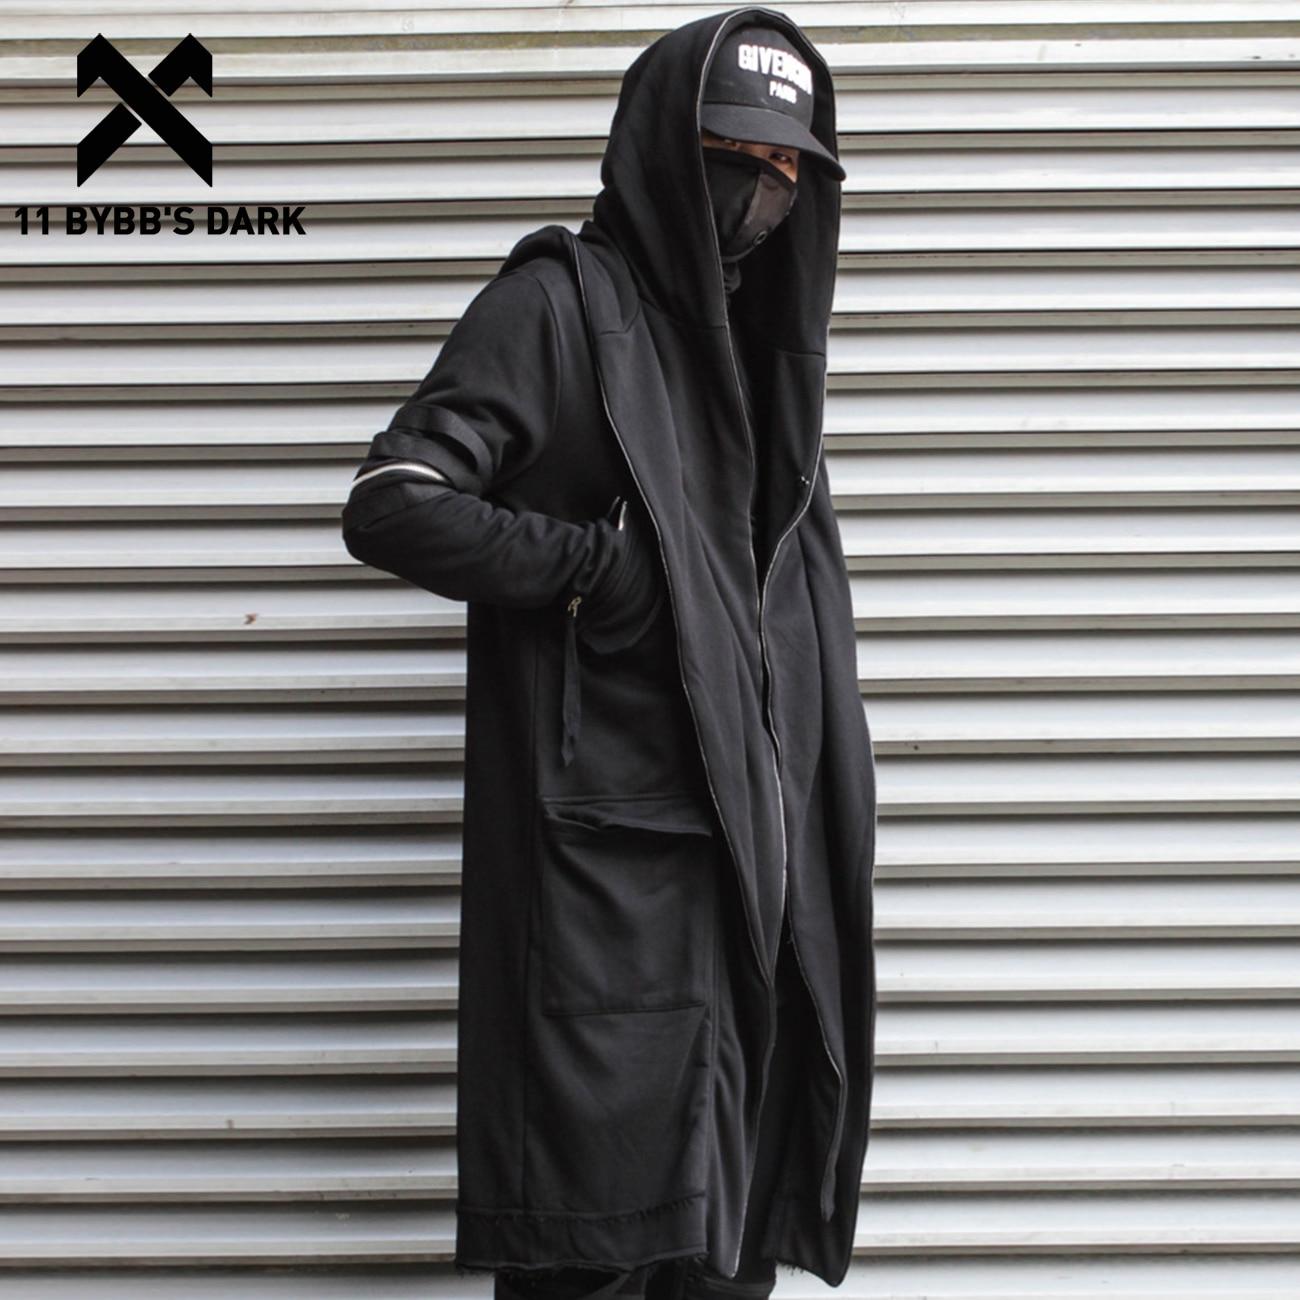 Плащ волшебника 11 BYBB'S DARK, накидка с имитацией двух курток, Мужская Готическая уличная одежда в стиле панк, куртки, пальто, тактическая функци...